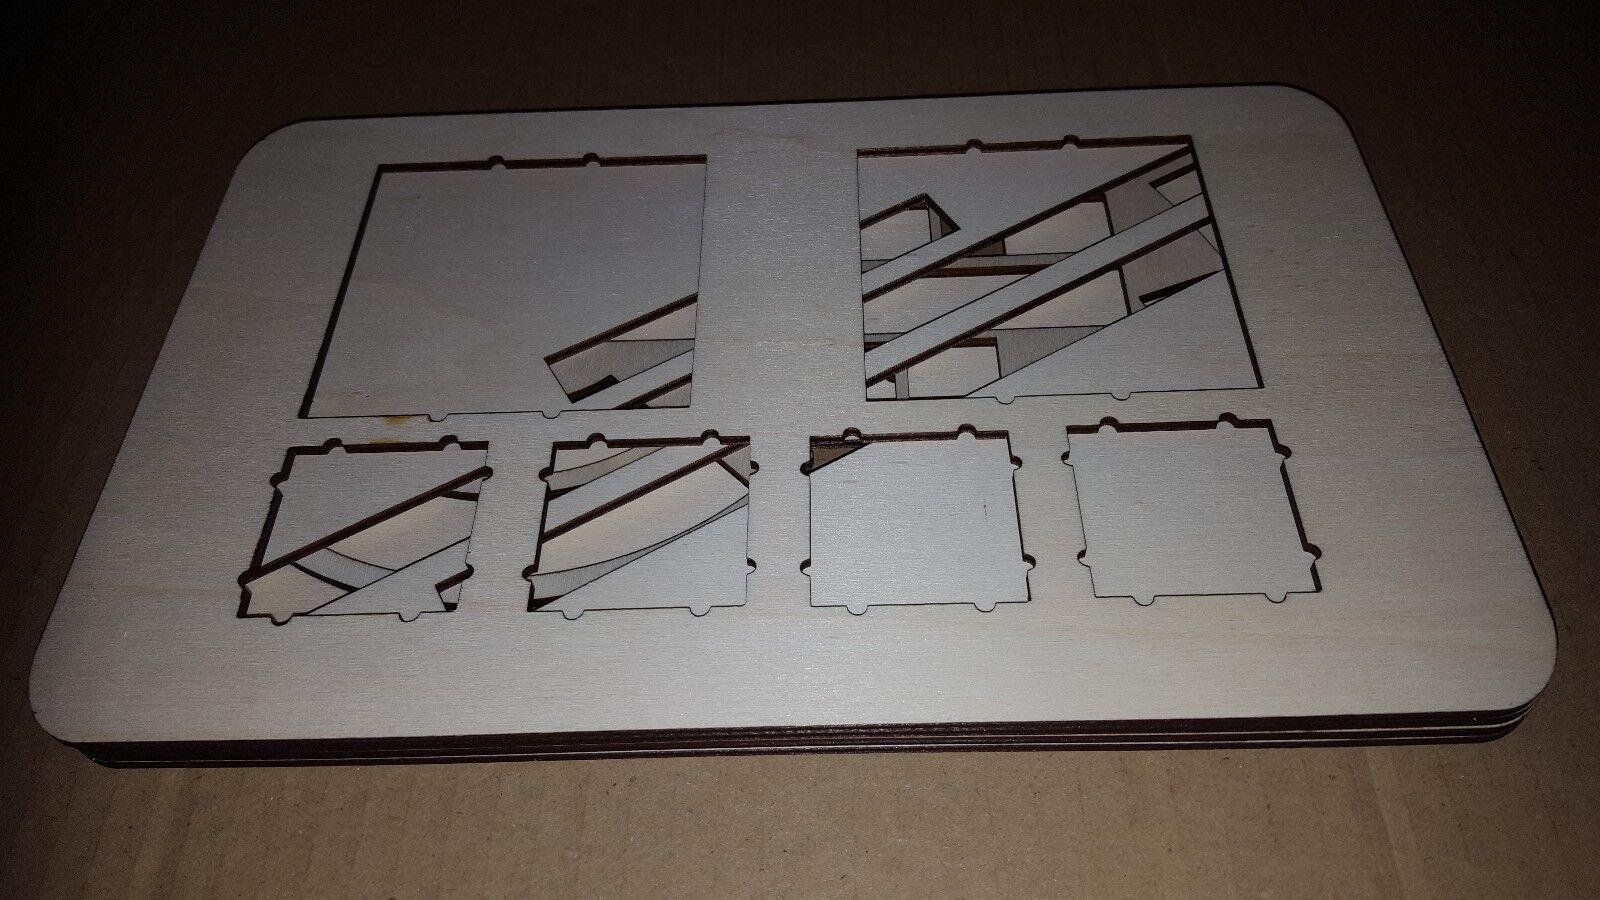 X-Wing 1.0 modèle modèle modèle plateau de rentrer dans boîtier Case (acrylique) 3f0c95